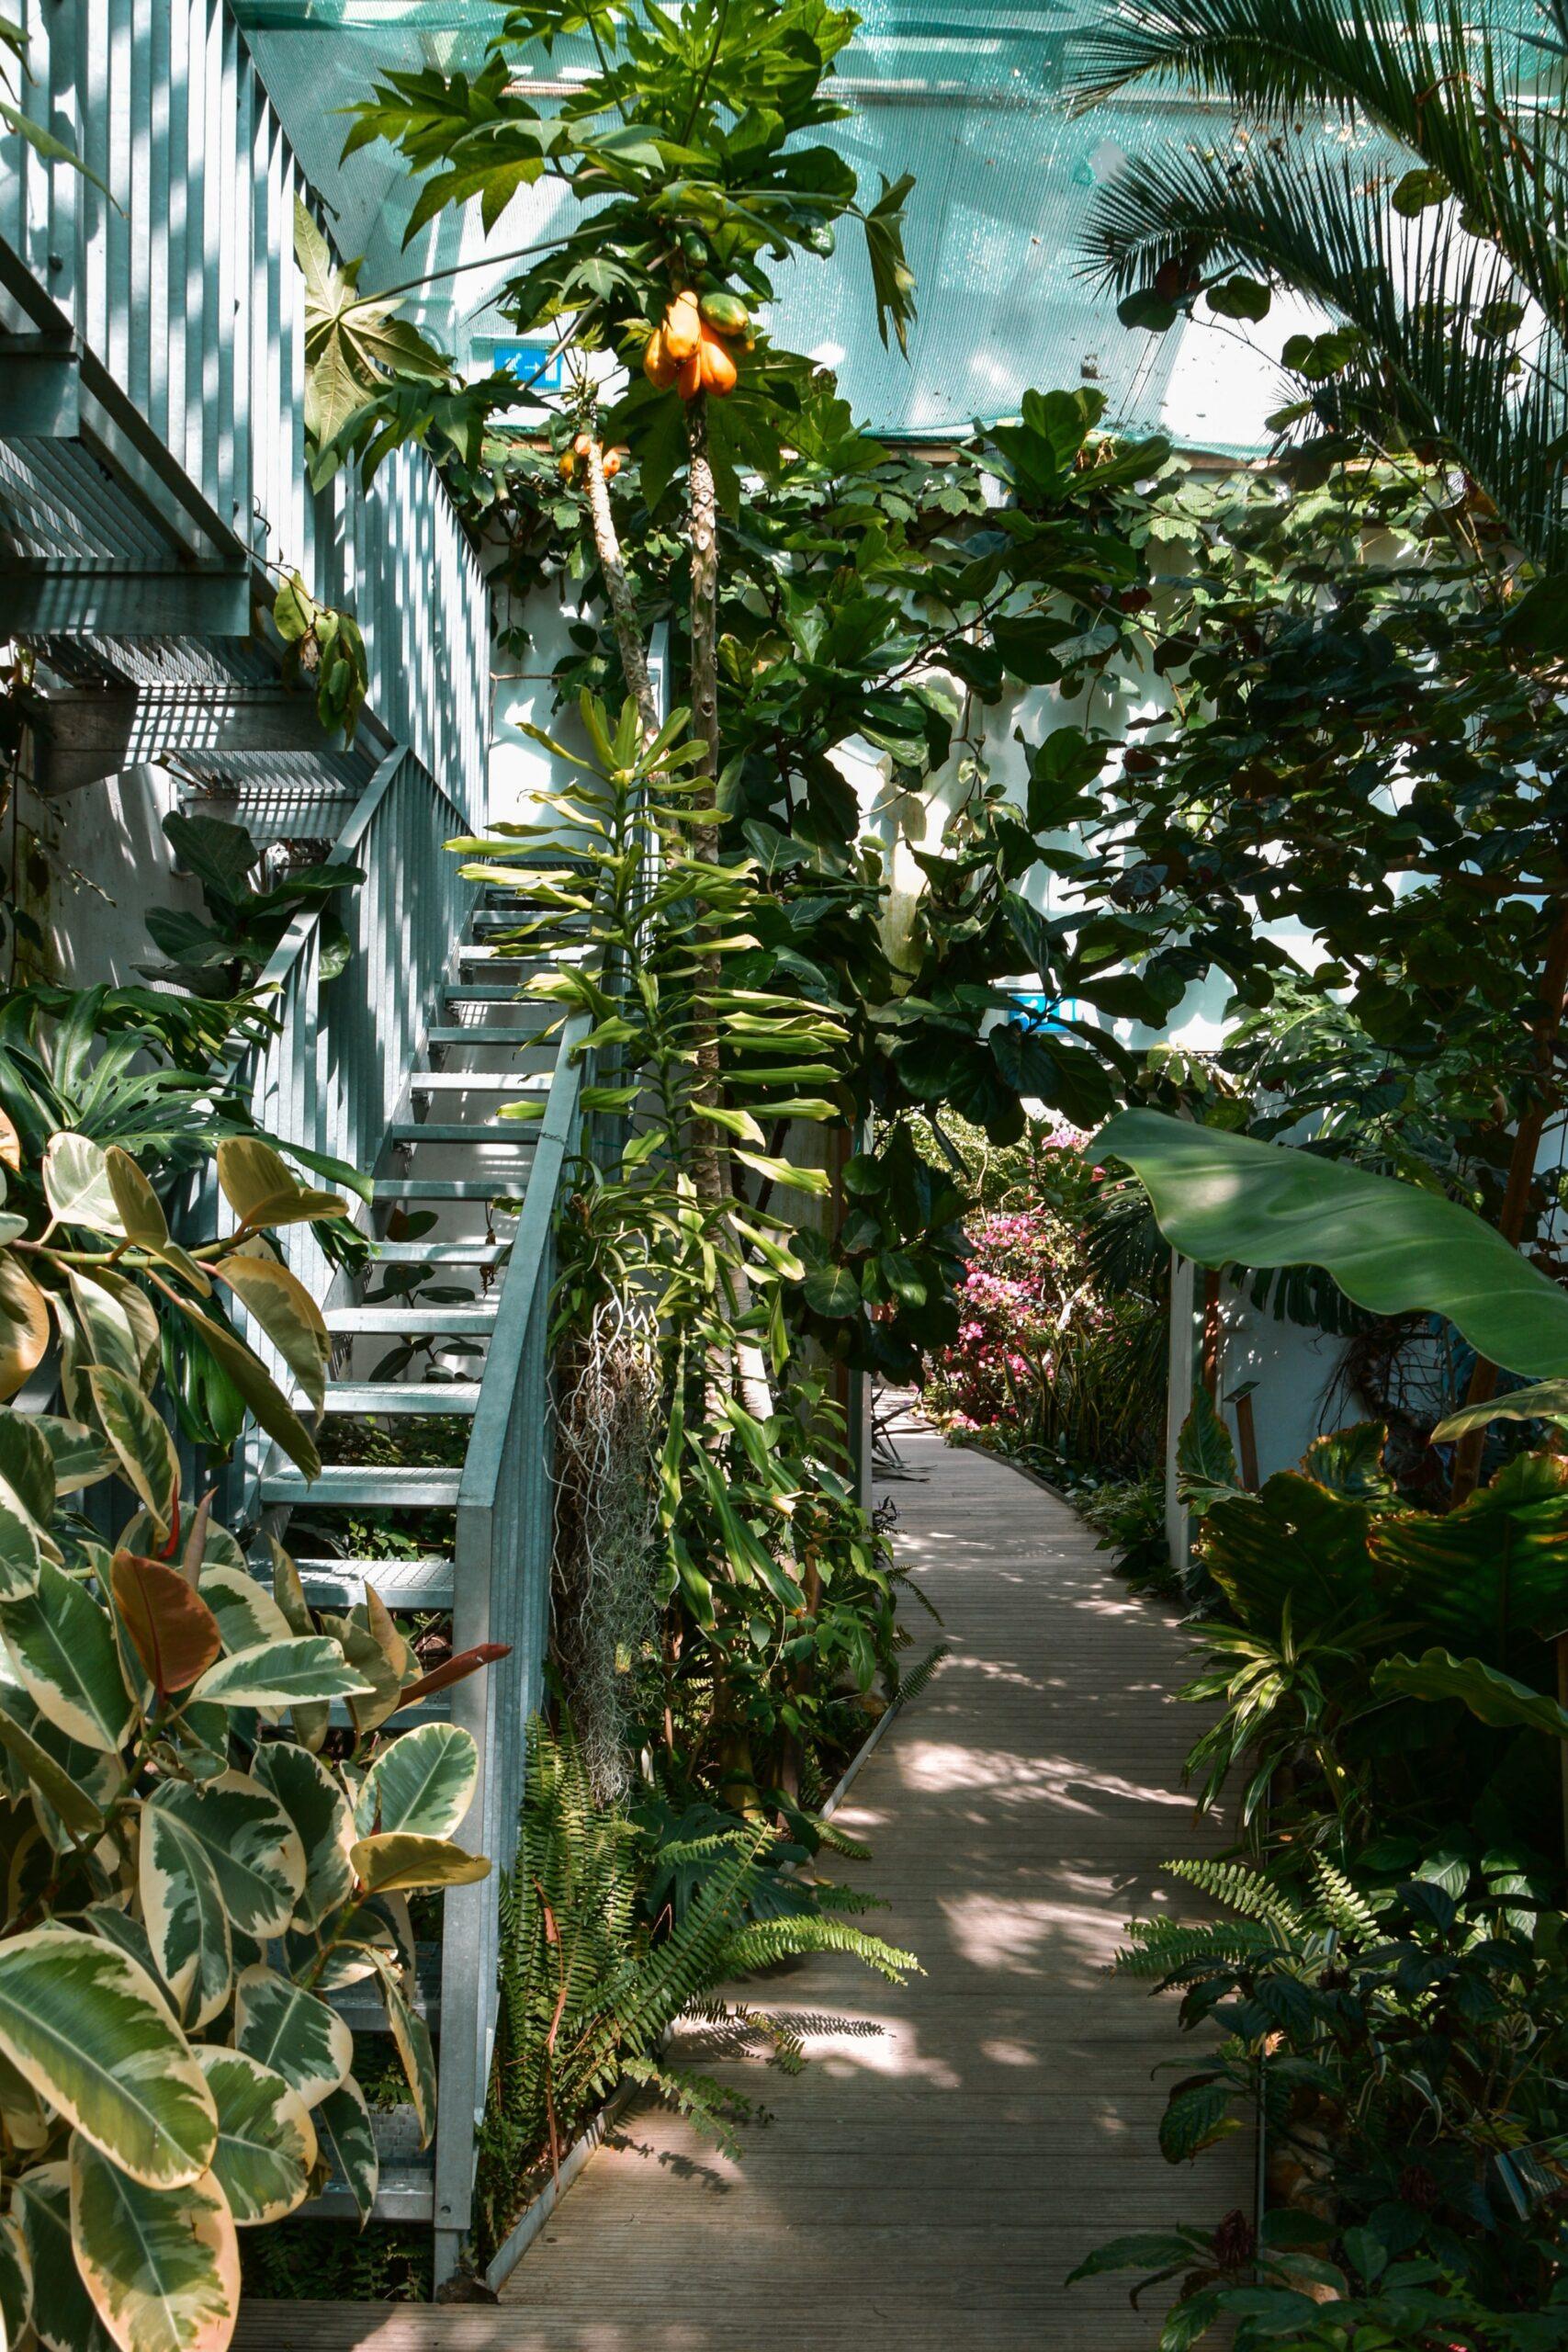 Image description. path through a garden